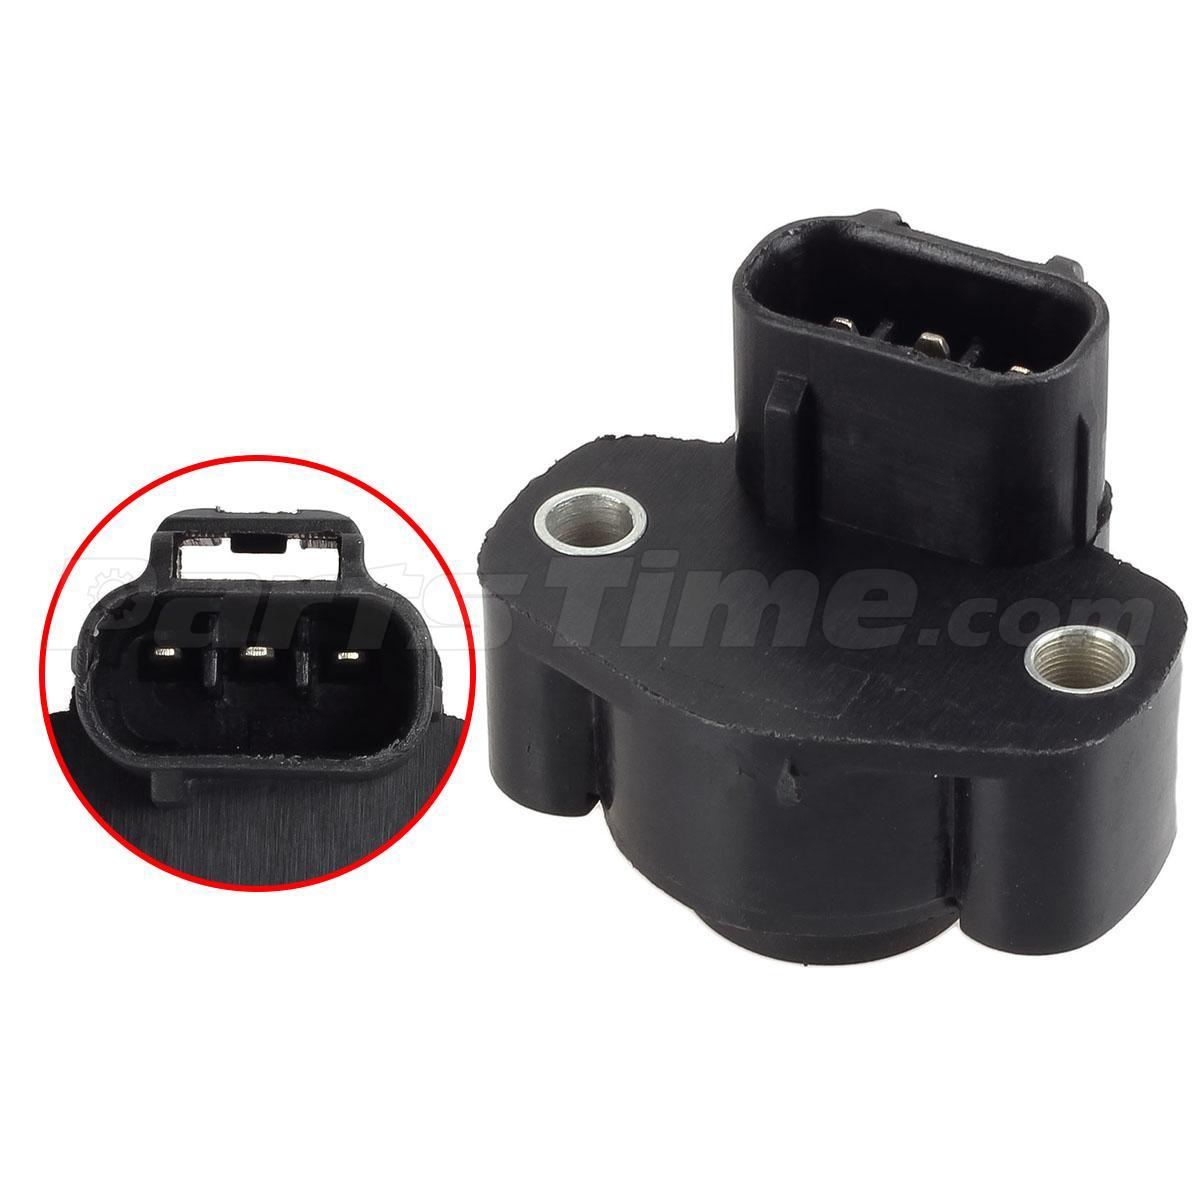 4874371AB Throttle Position Sensor For Dodge Dakota Viper